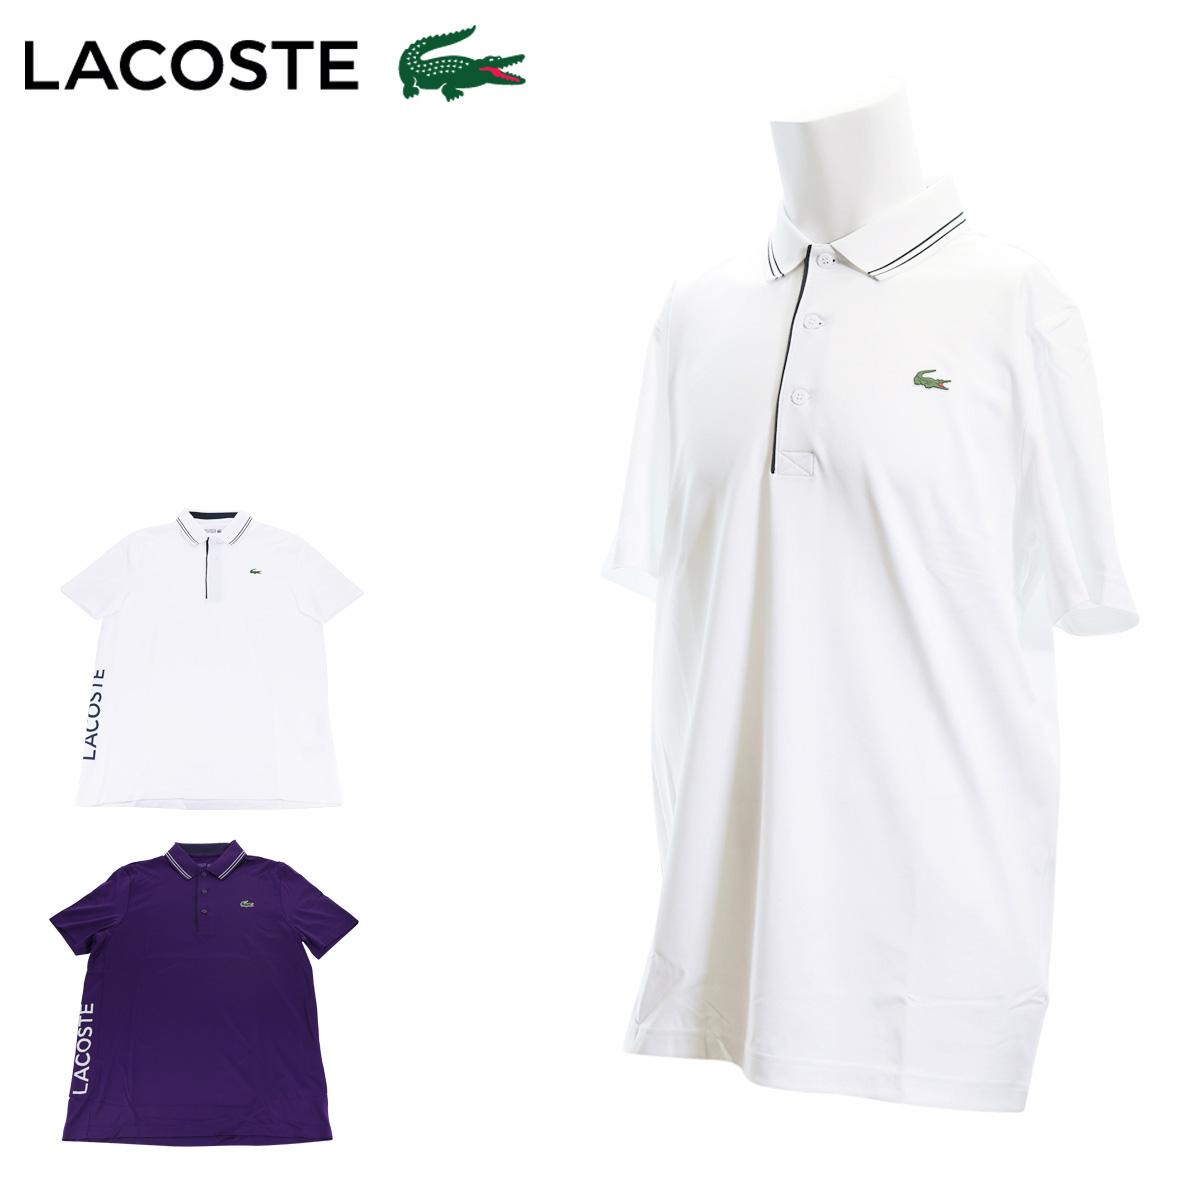 ラコステ ポロシャツ 半袖 SPORT メンズ DH6843L LACOSTE   ポリエステル トップス 無地[PO10][bef]